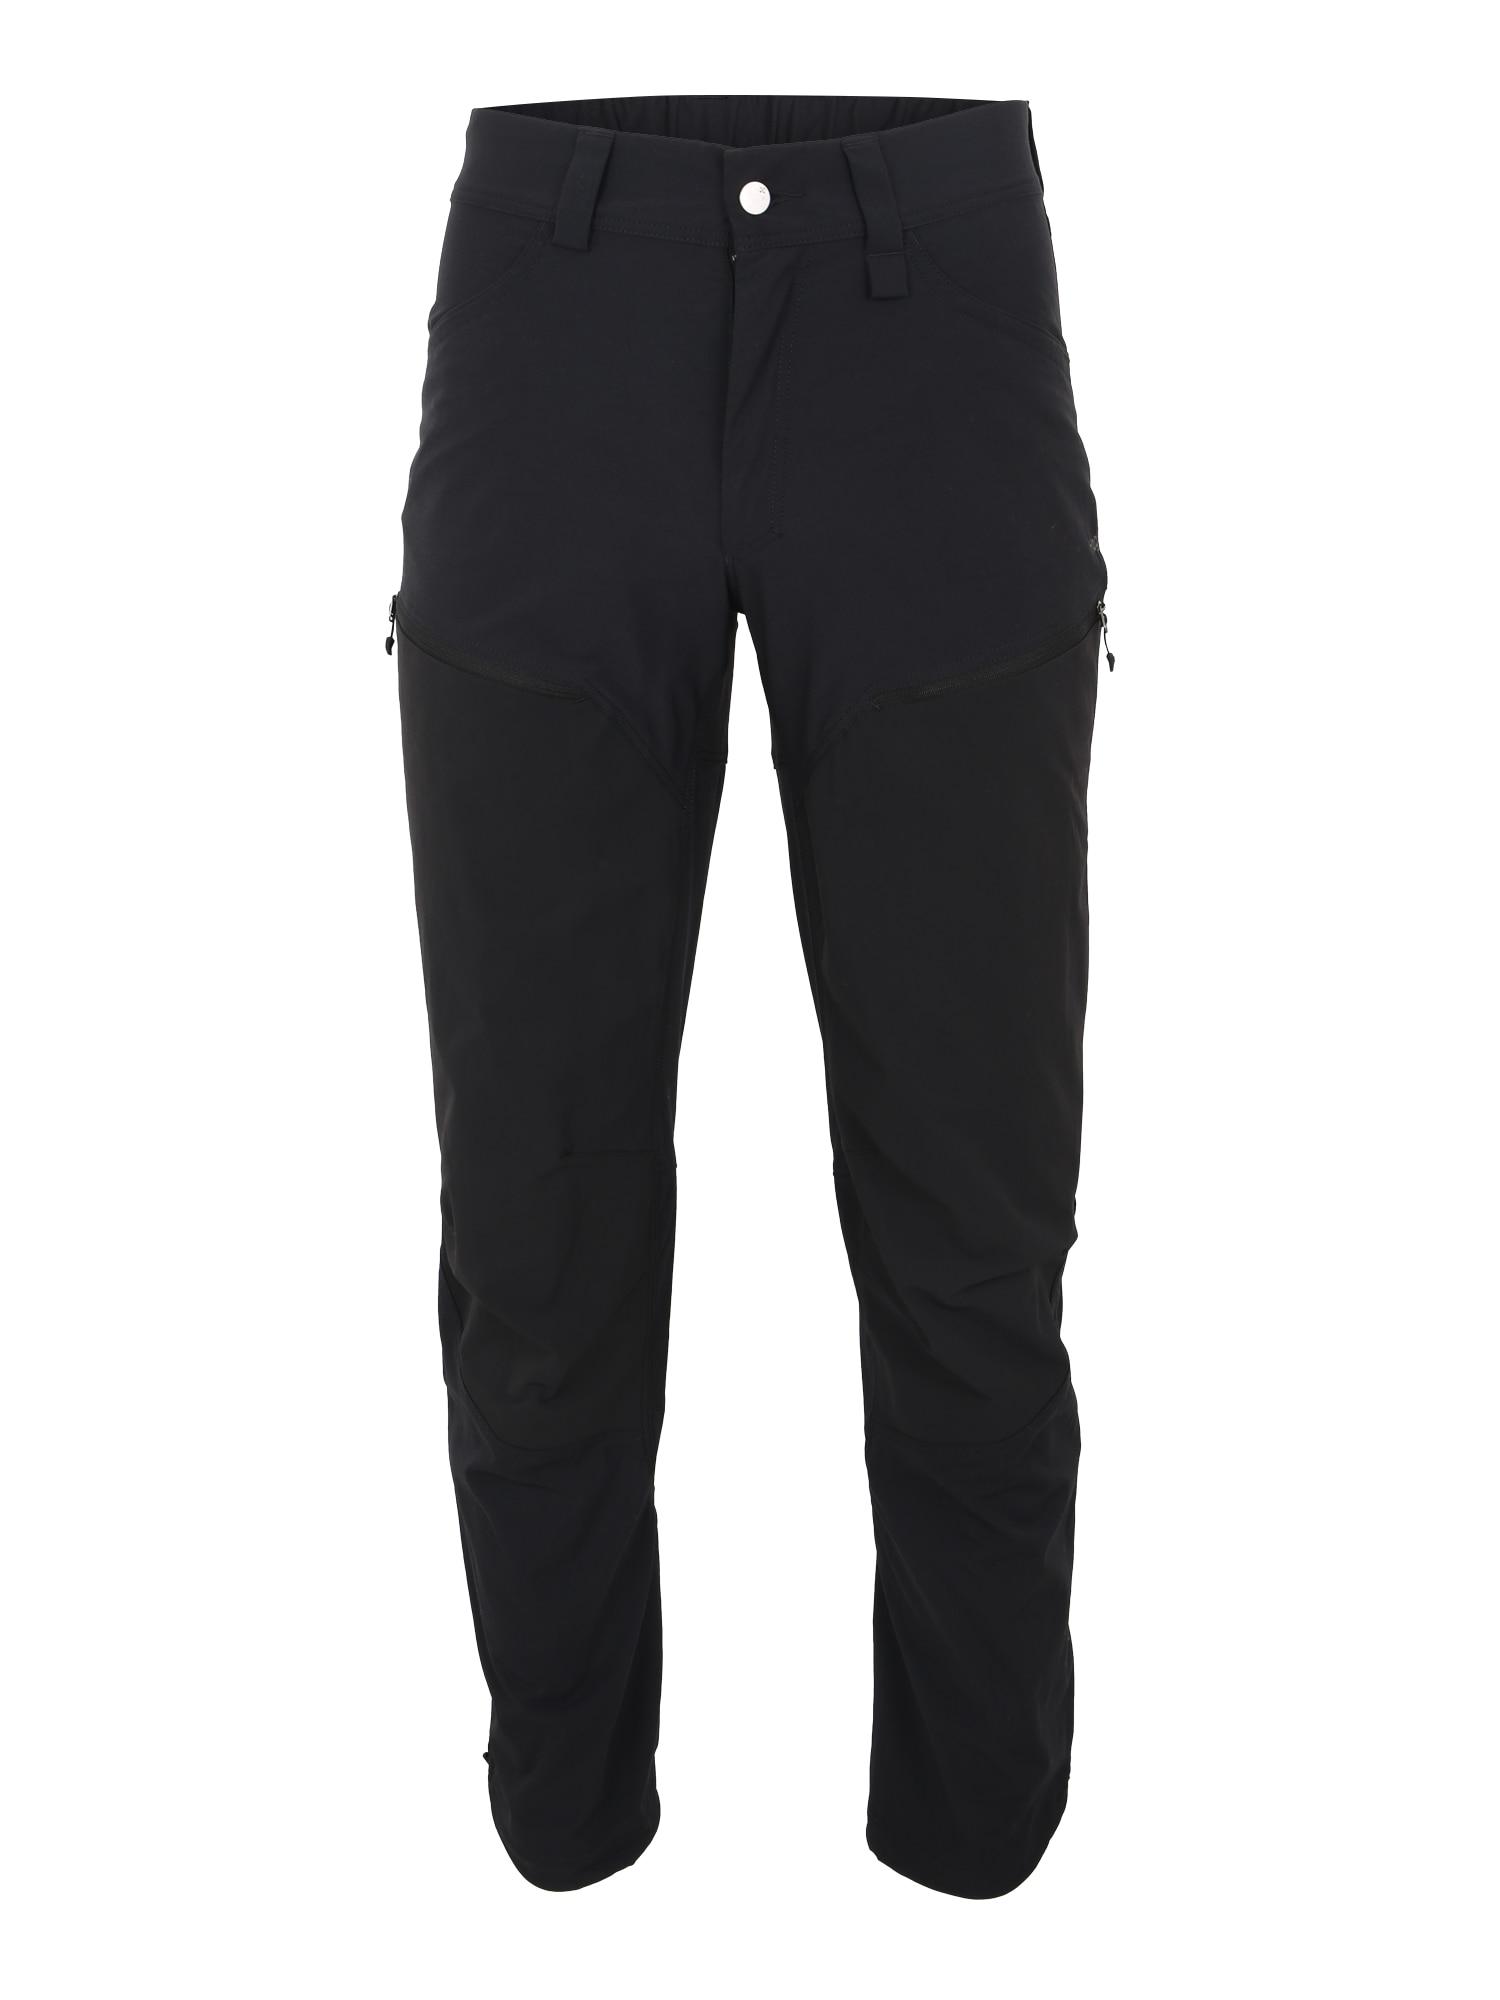 Outdoorové kalhoty Mid Flex černá Haglöfs